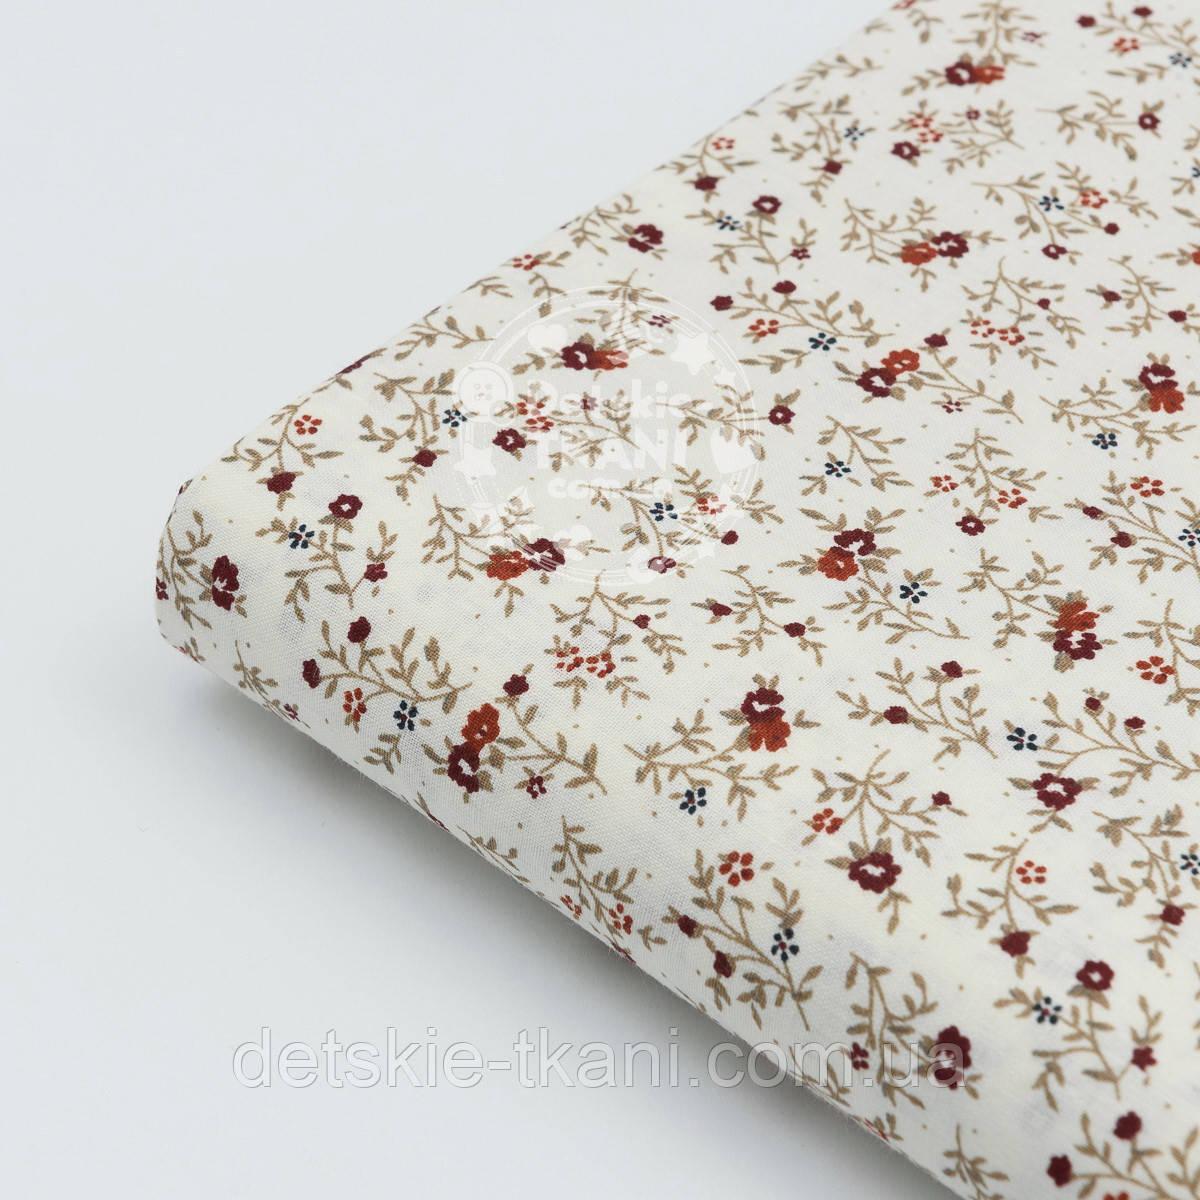 Лоскут ткани №309а с мелкими коричневыми цветочками на бежевом фоне